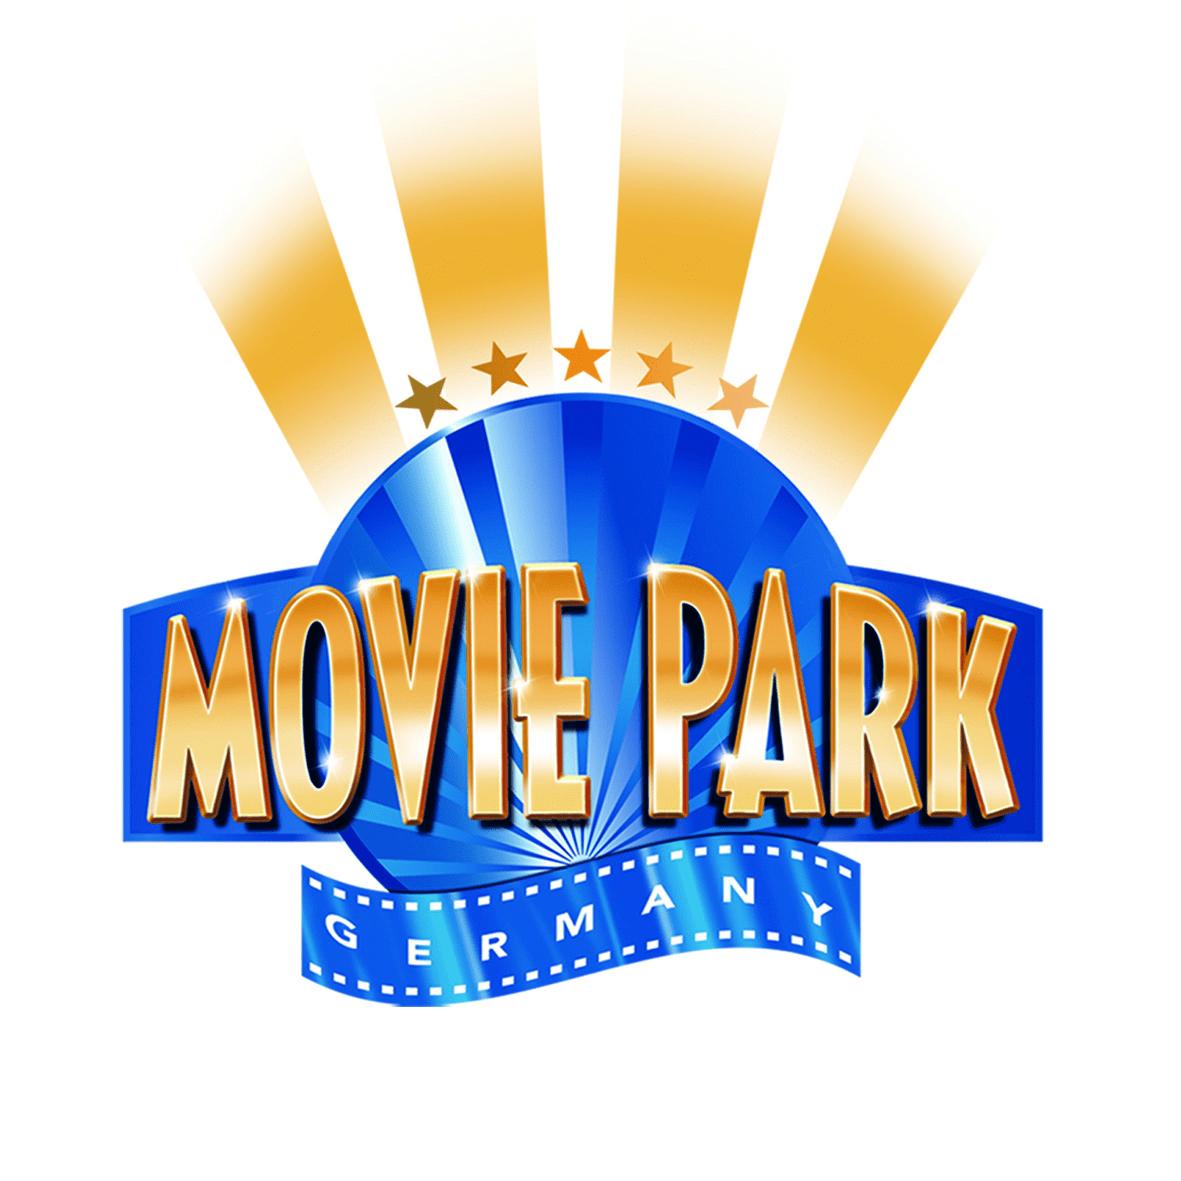 Moviepark Germany Tickets für 16 € am 14.-16.8 sowie 21.-23.8